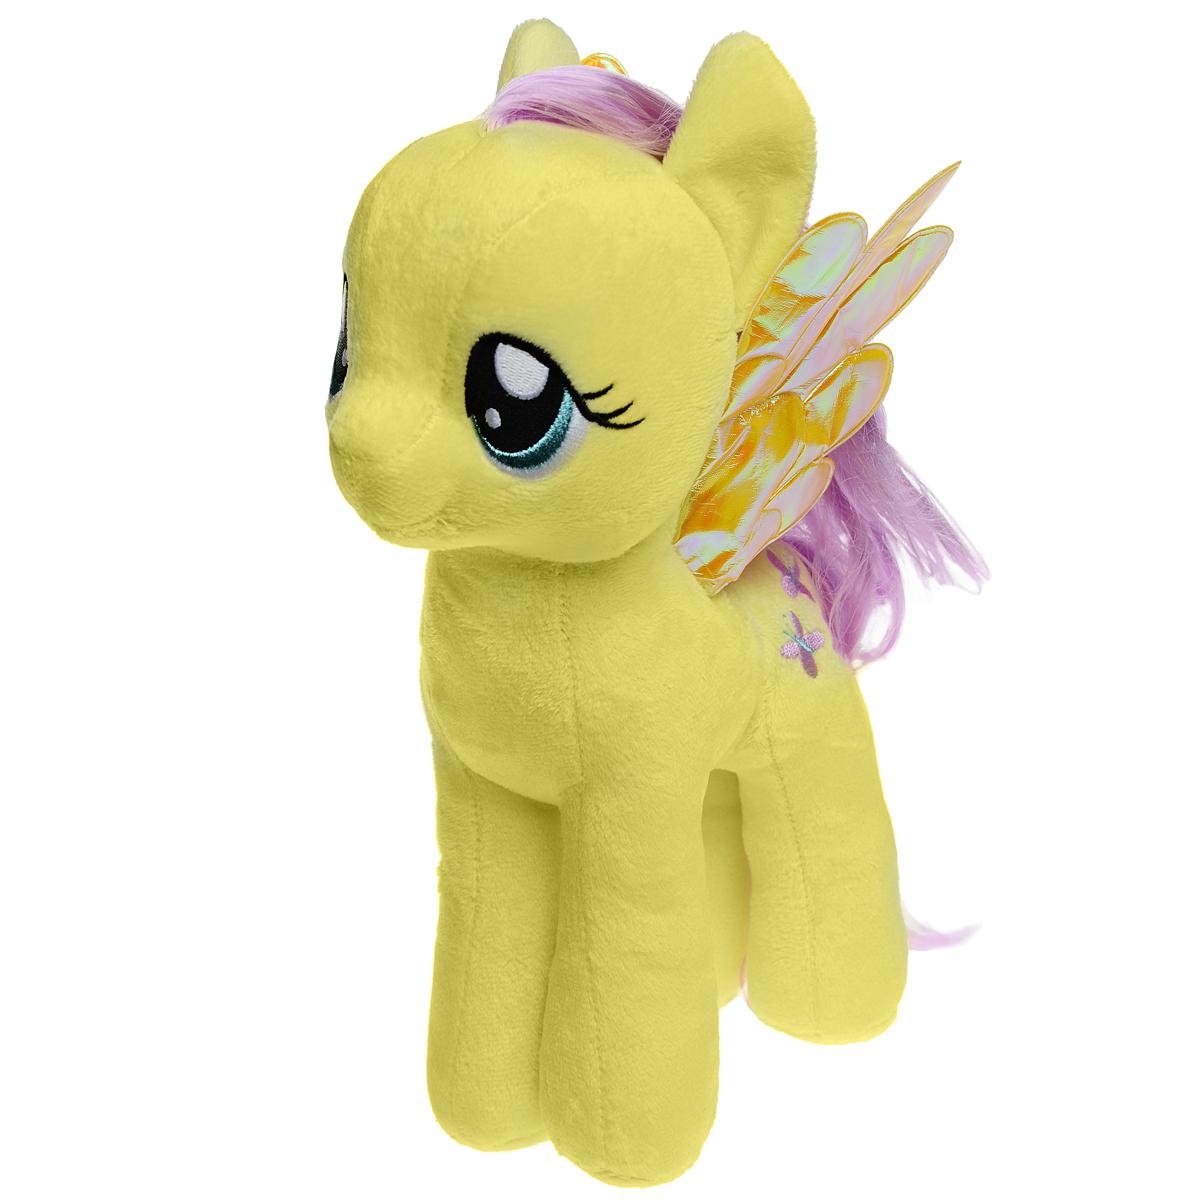 My Little Pony. Мягкая игрушка Пони Fluttershy, 30 см41077Мягкая игрушка Fluttershy выполнена в виде очаровательной пони желтого цвета с длинным хвостом, гривой и волшебными переливающимися крылышками. Игрушка изготовлена из высококачественного текстильного материала с набивкой из синтепона. Грива и хвостик Флаттершай выполнены из мягкого текстиля, их можно заплетать и расчесывать. Игрушка имеет специальные уплотнения в ногах, что позволяет ей стоять самостоятельно, без опоры. Как и все игрушки серии Beanie Buddy, она изготовлена вручную, с любовью и вниманием к деталям. Флаттершай - очень нежная, робкая и застенчивая. А еще она - самая добрая лошадка в Понивилле! Она очень любит животных и умеет с ними разговаривать, а дома у нее живет целая компания забавных питомцев. Удивительно мягкая игрушка принесет радость и подарит своему обладателю мгновения нежных объятий и приятных воспоминаний. Специальные гранулы, используемые при ее набивке, способствуют развитию мелкой моторики рук малыша Великолепное качество исполнения...